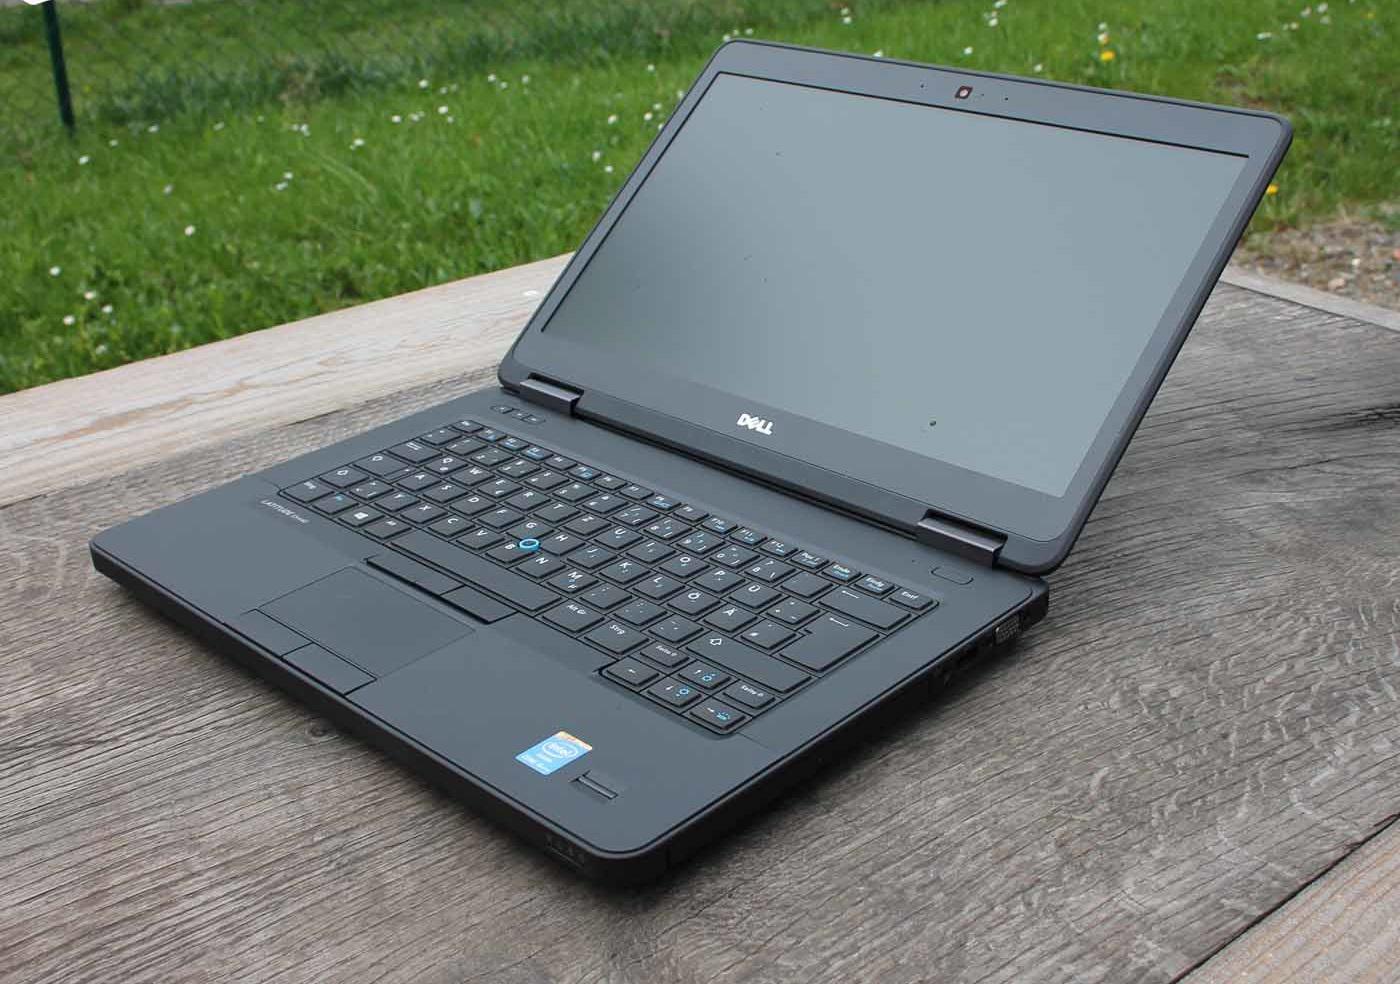 Dell Latitude E5440/Core i5 Processor/4th Generation | City